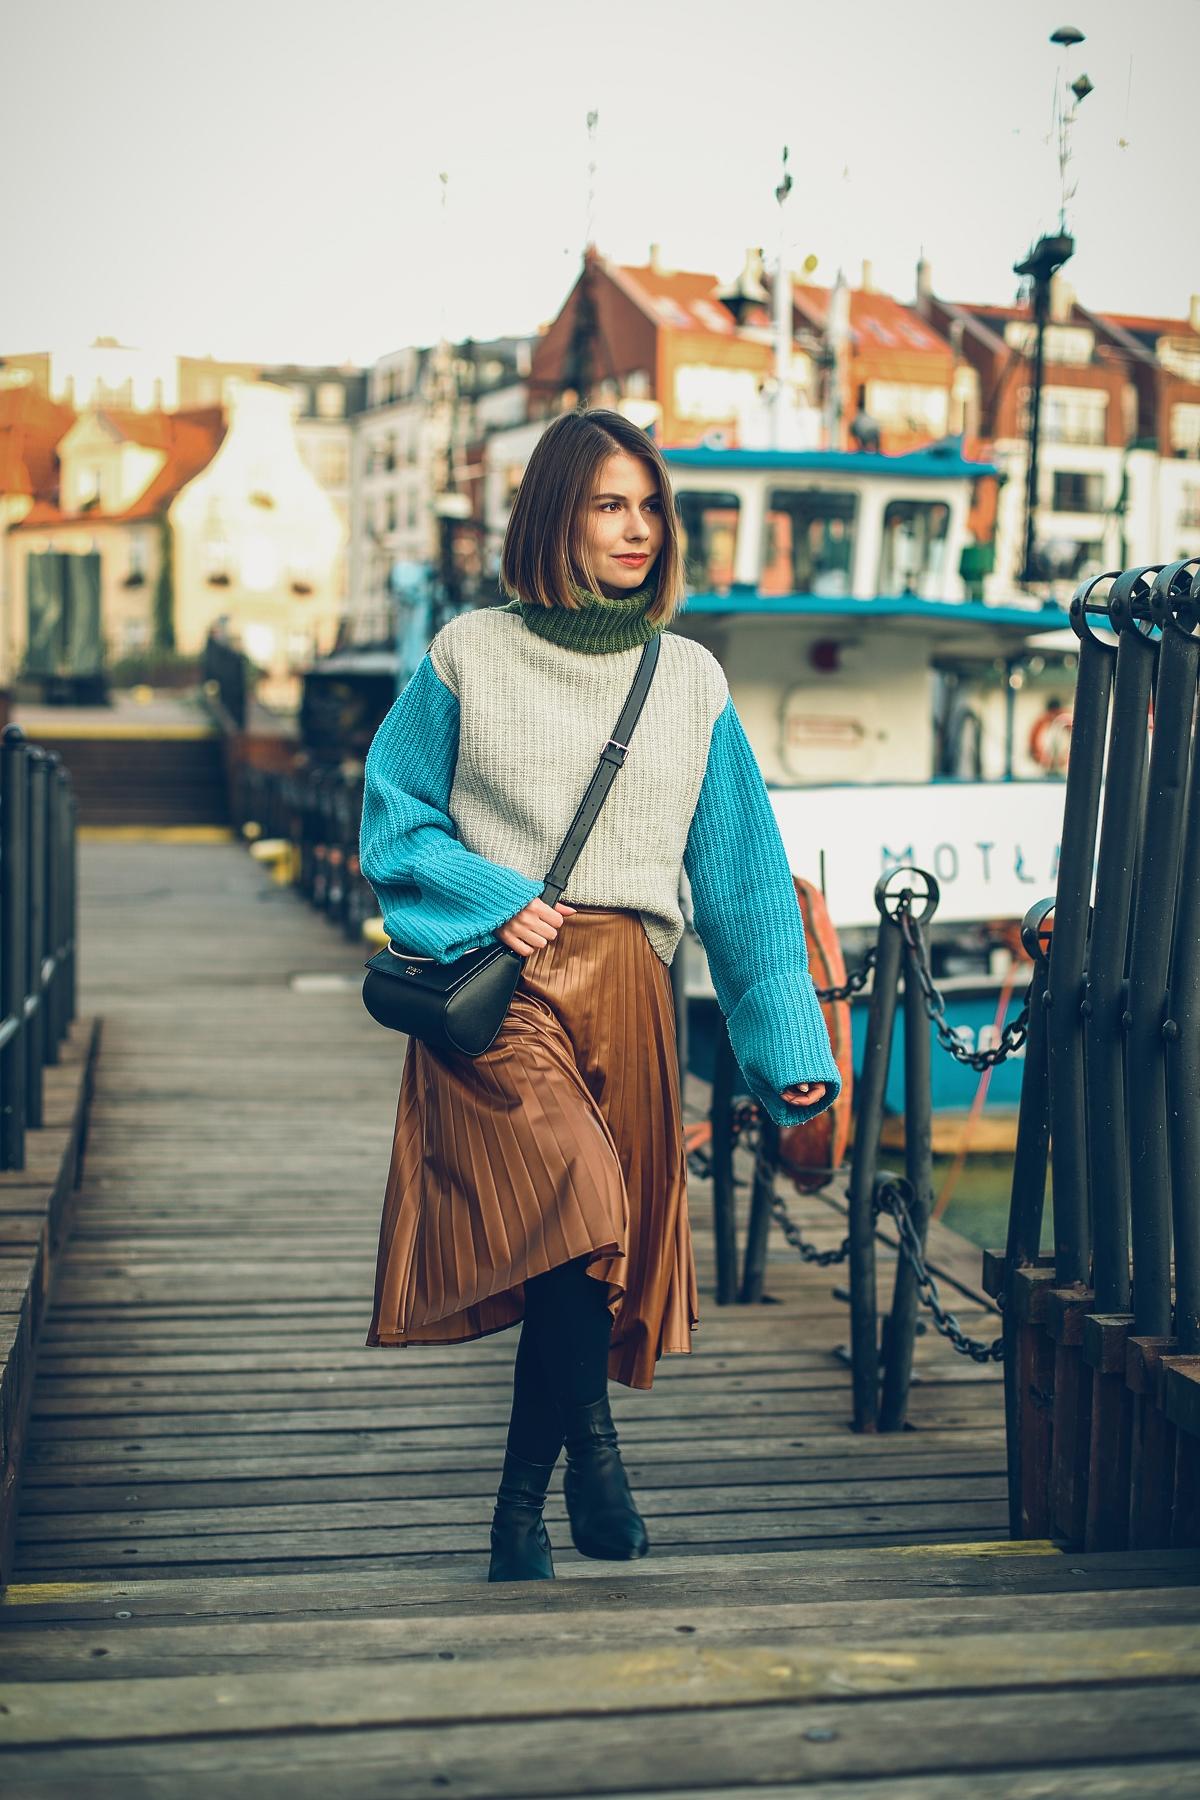 golf plisowana spodnica blog modowy gdansk (4)